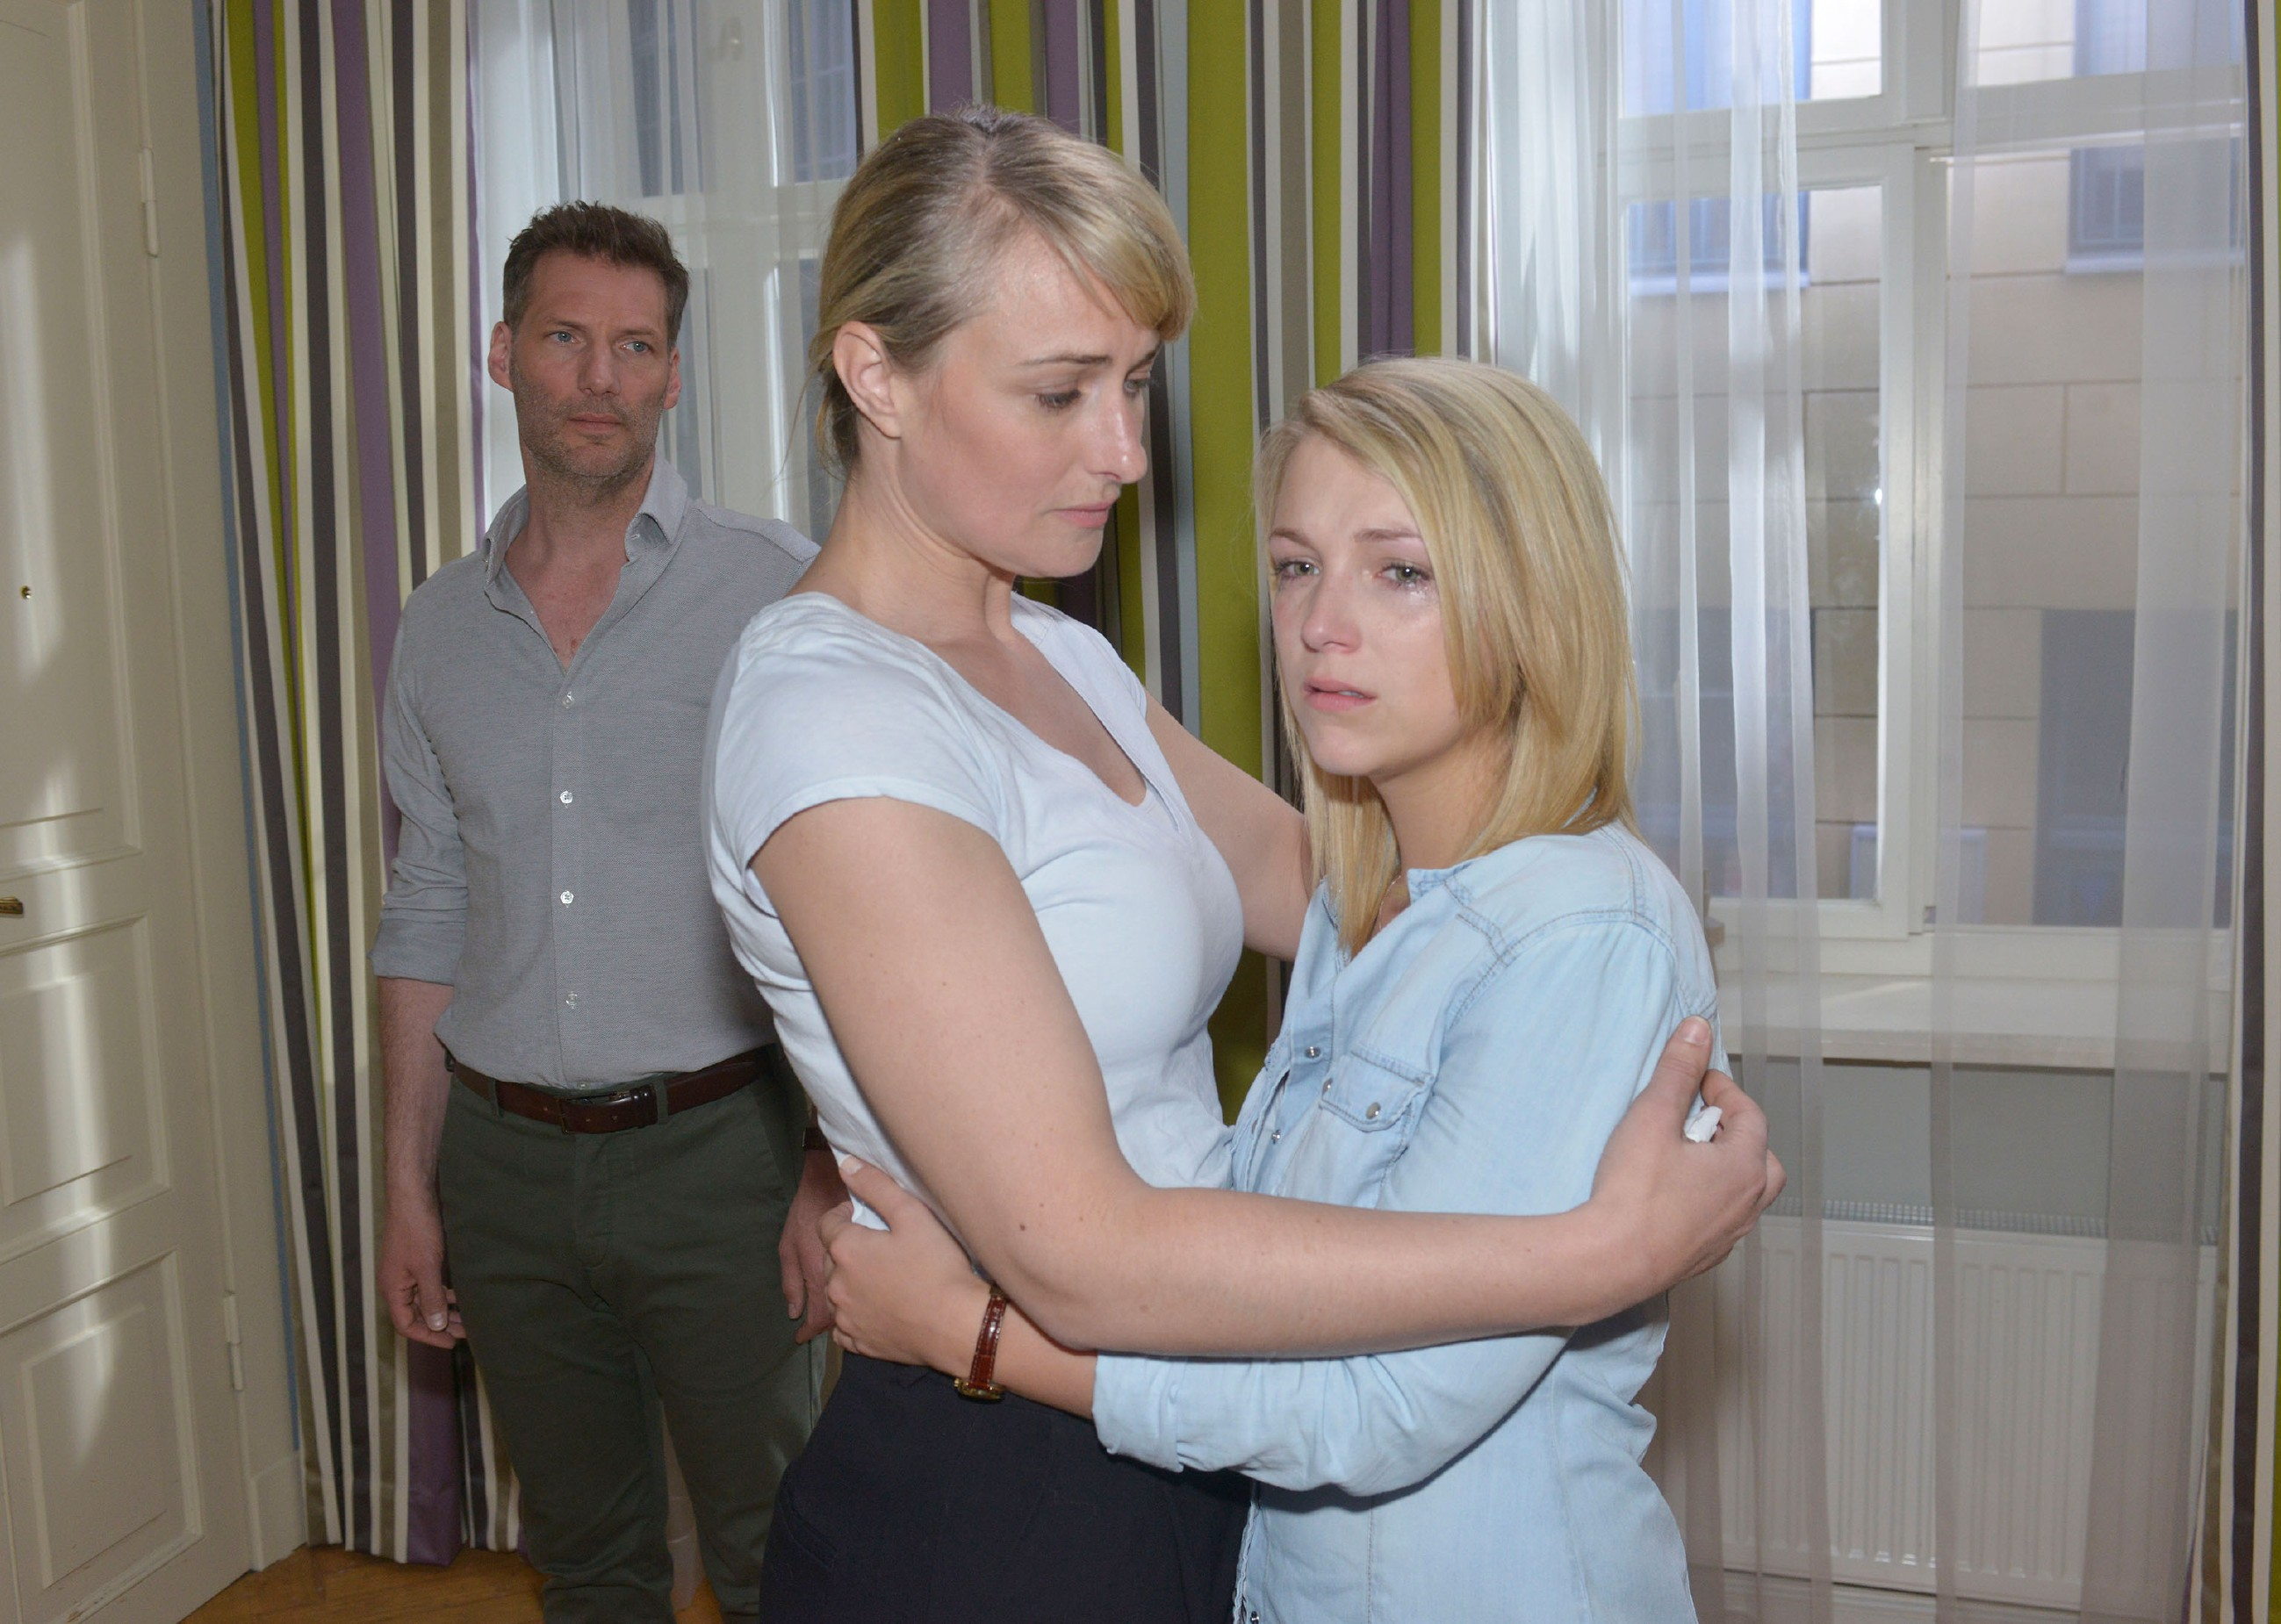 Nachdem sich Lilly (Iris Mareike Steen, r.) von ihrer großen Liebe verabschieden musste, wird sie von Maren (Eva Mona Rodekirchen) aufgefangen... (hinten Clemens Löhr als Alexander) (Quelle: RTL / Rolf Baumgartner)